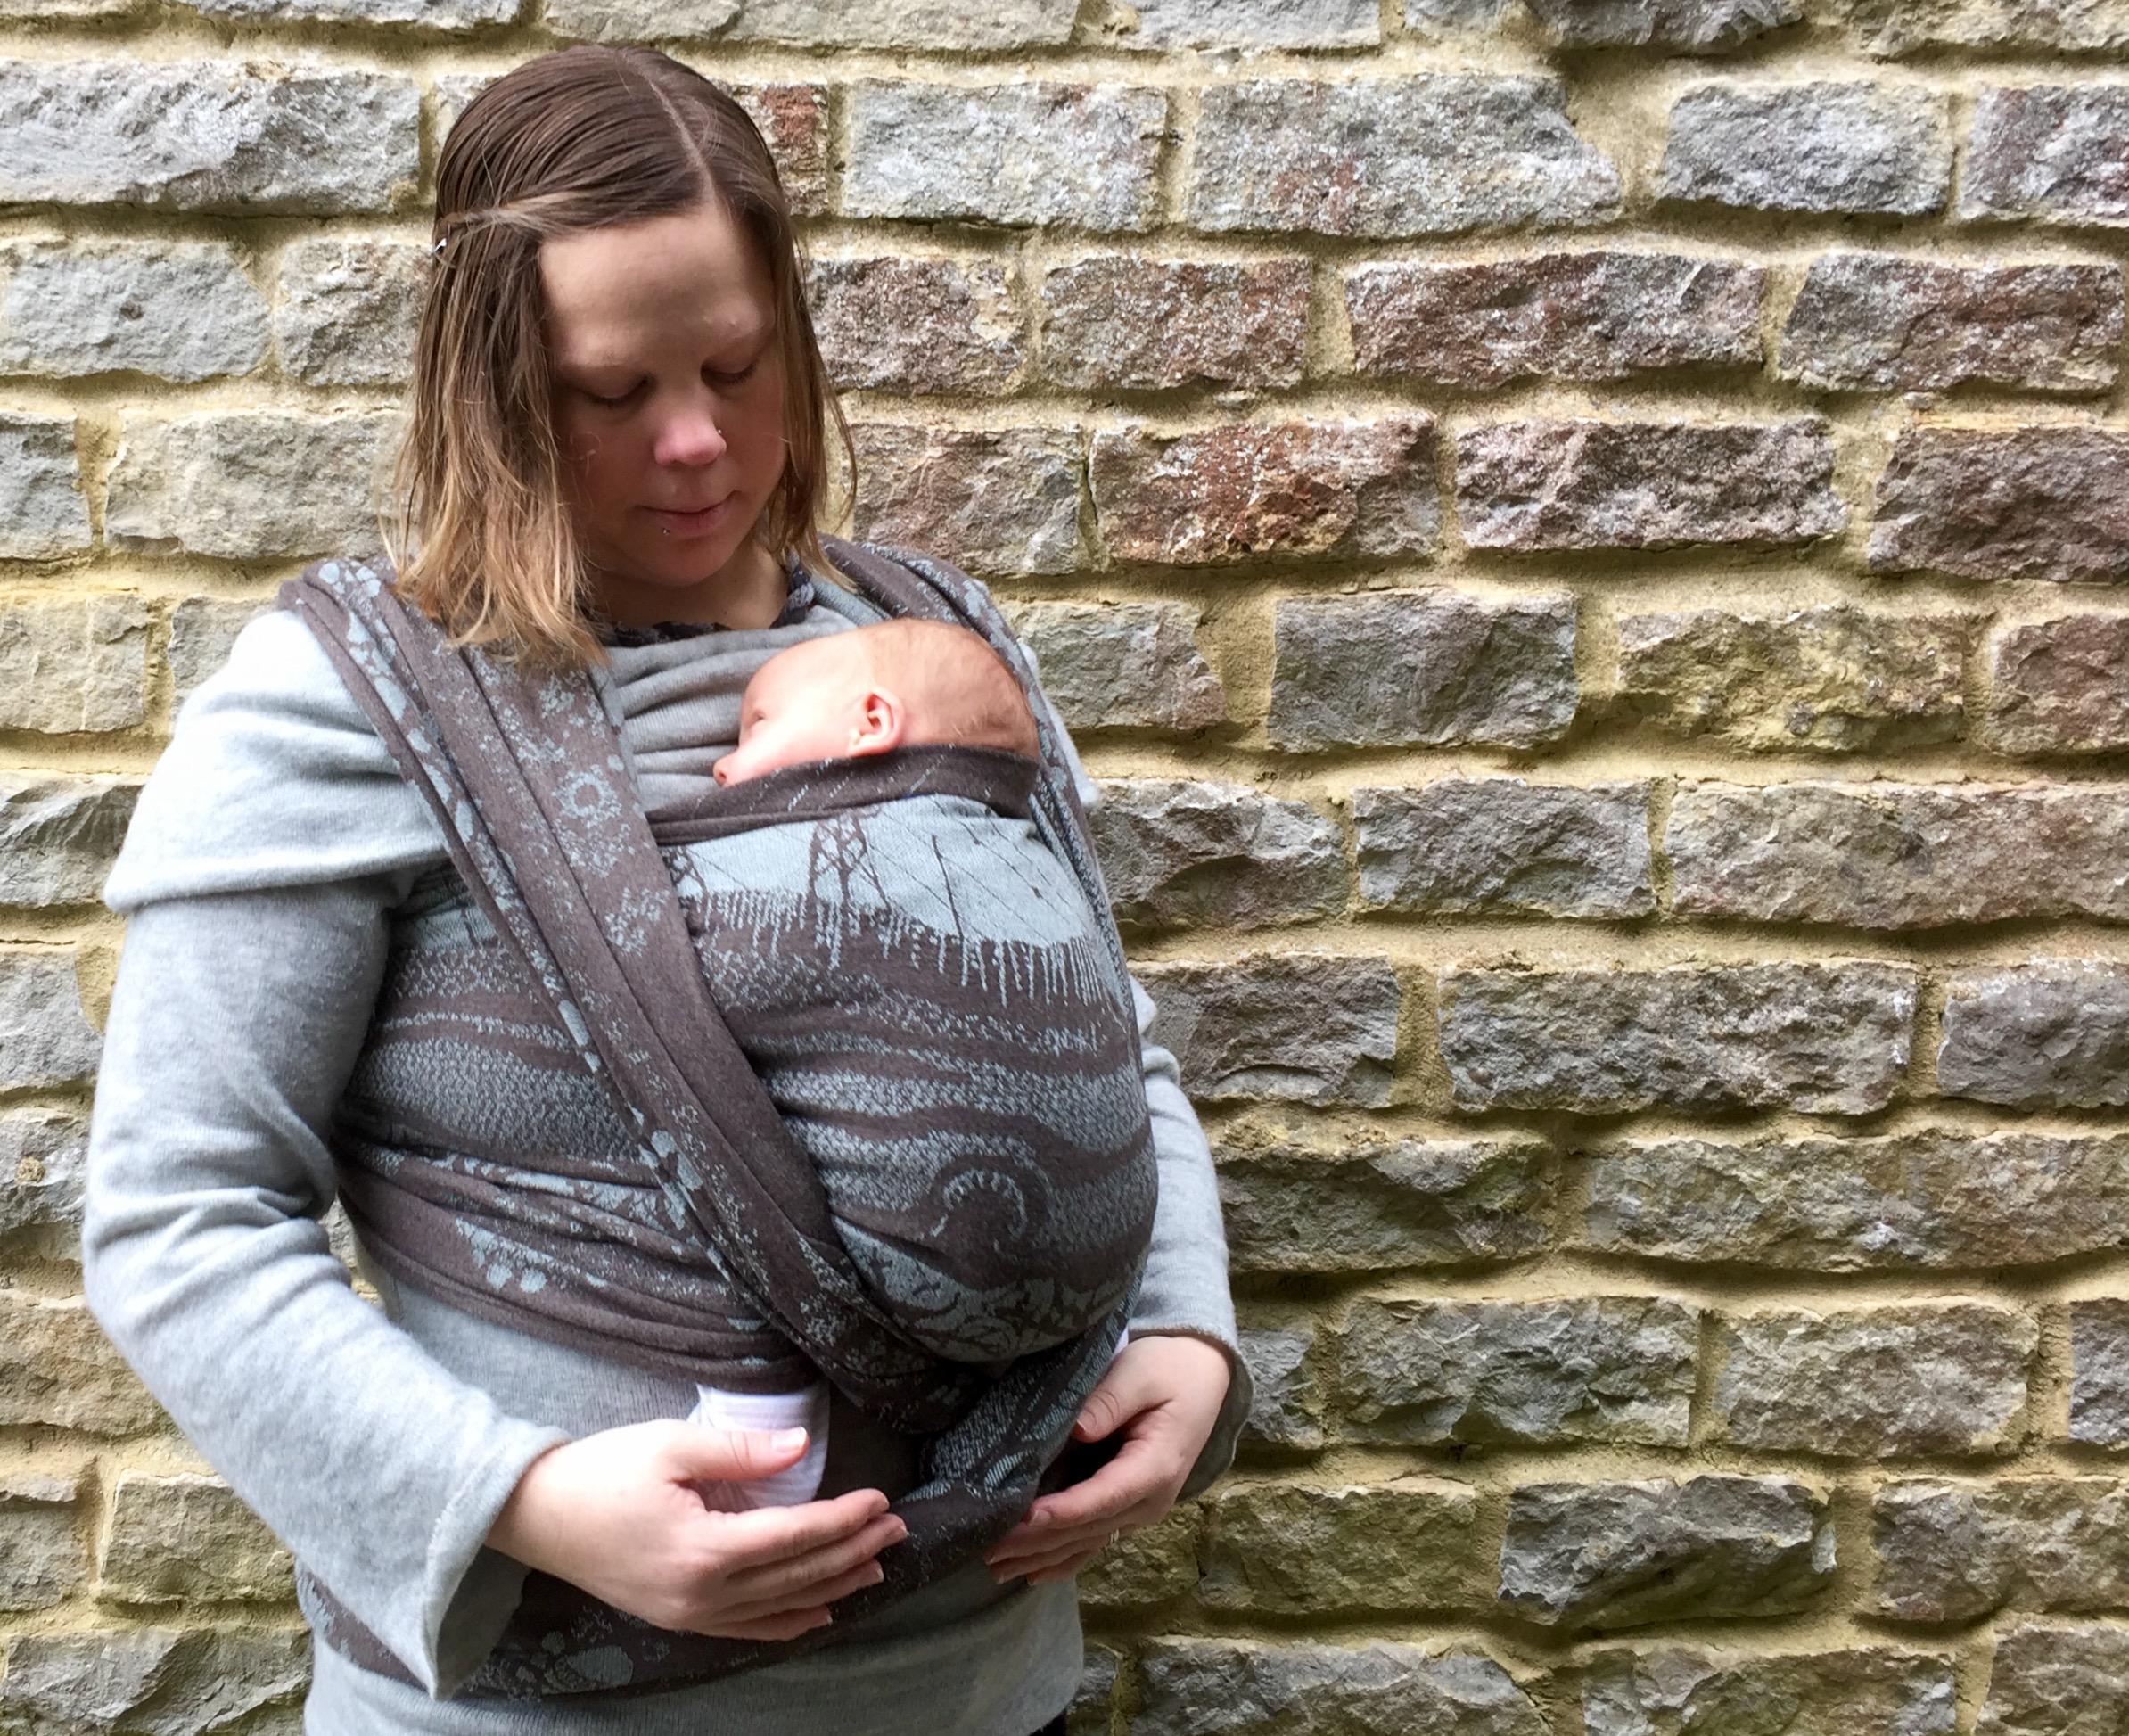 Firespiral Torra Burnish Winter Hill wrapping a newborn